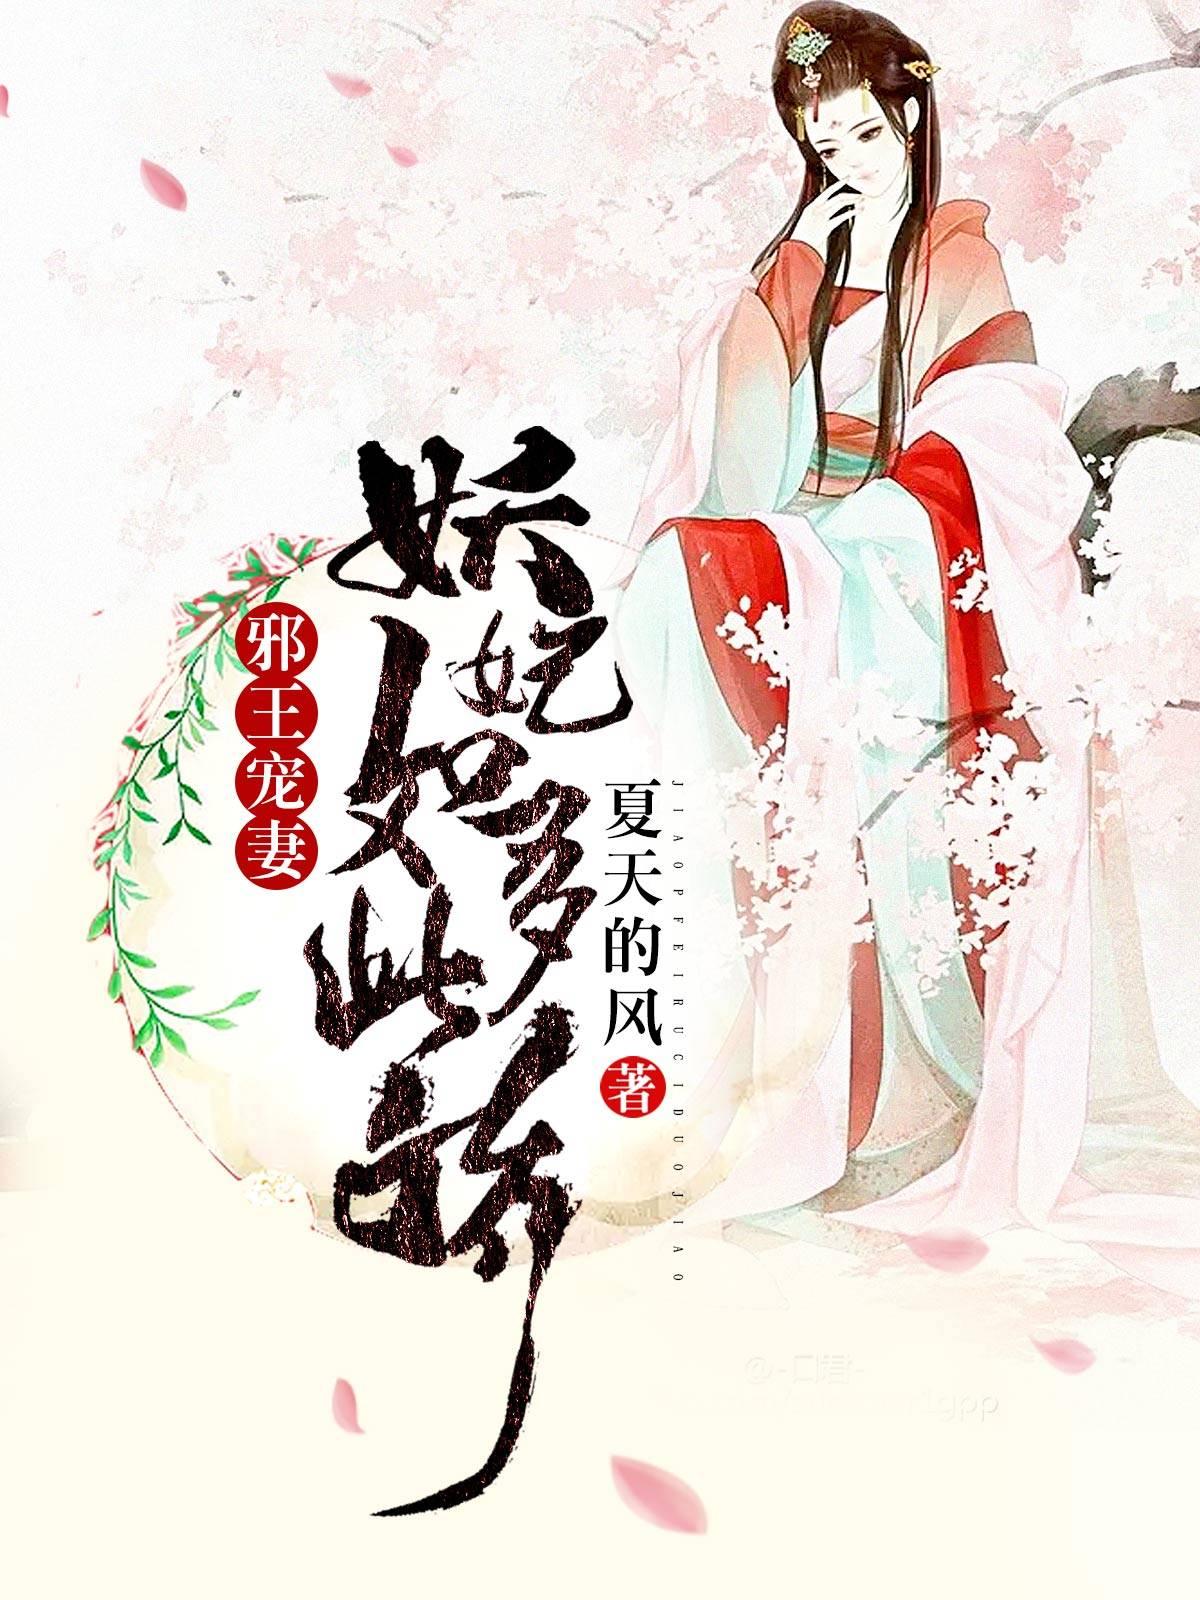 《邪王宠妻:妖妃如此多娇》主角王王妃精彩试读完整版